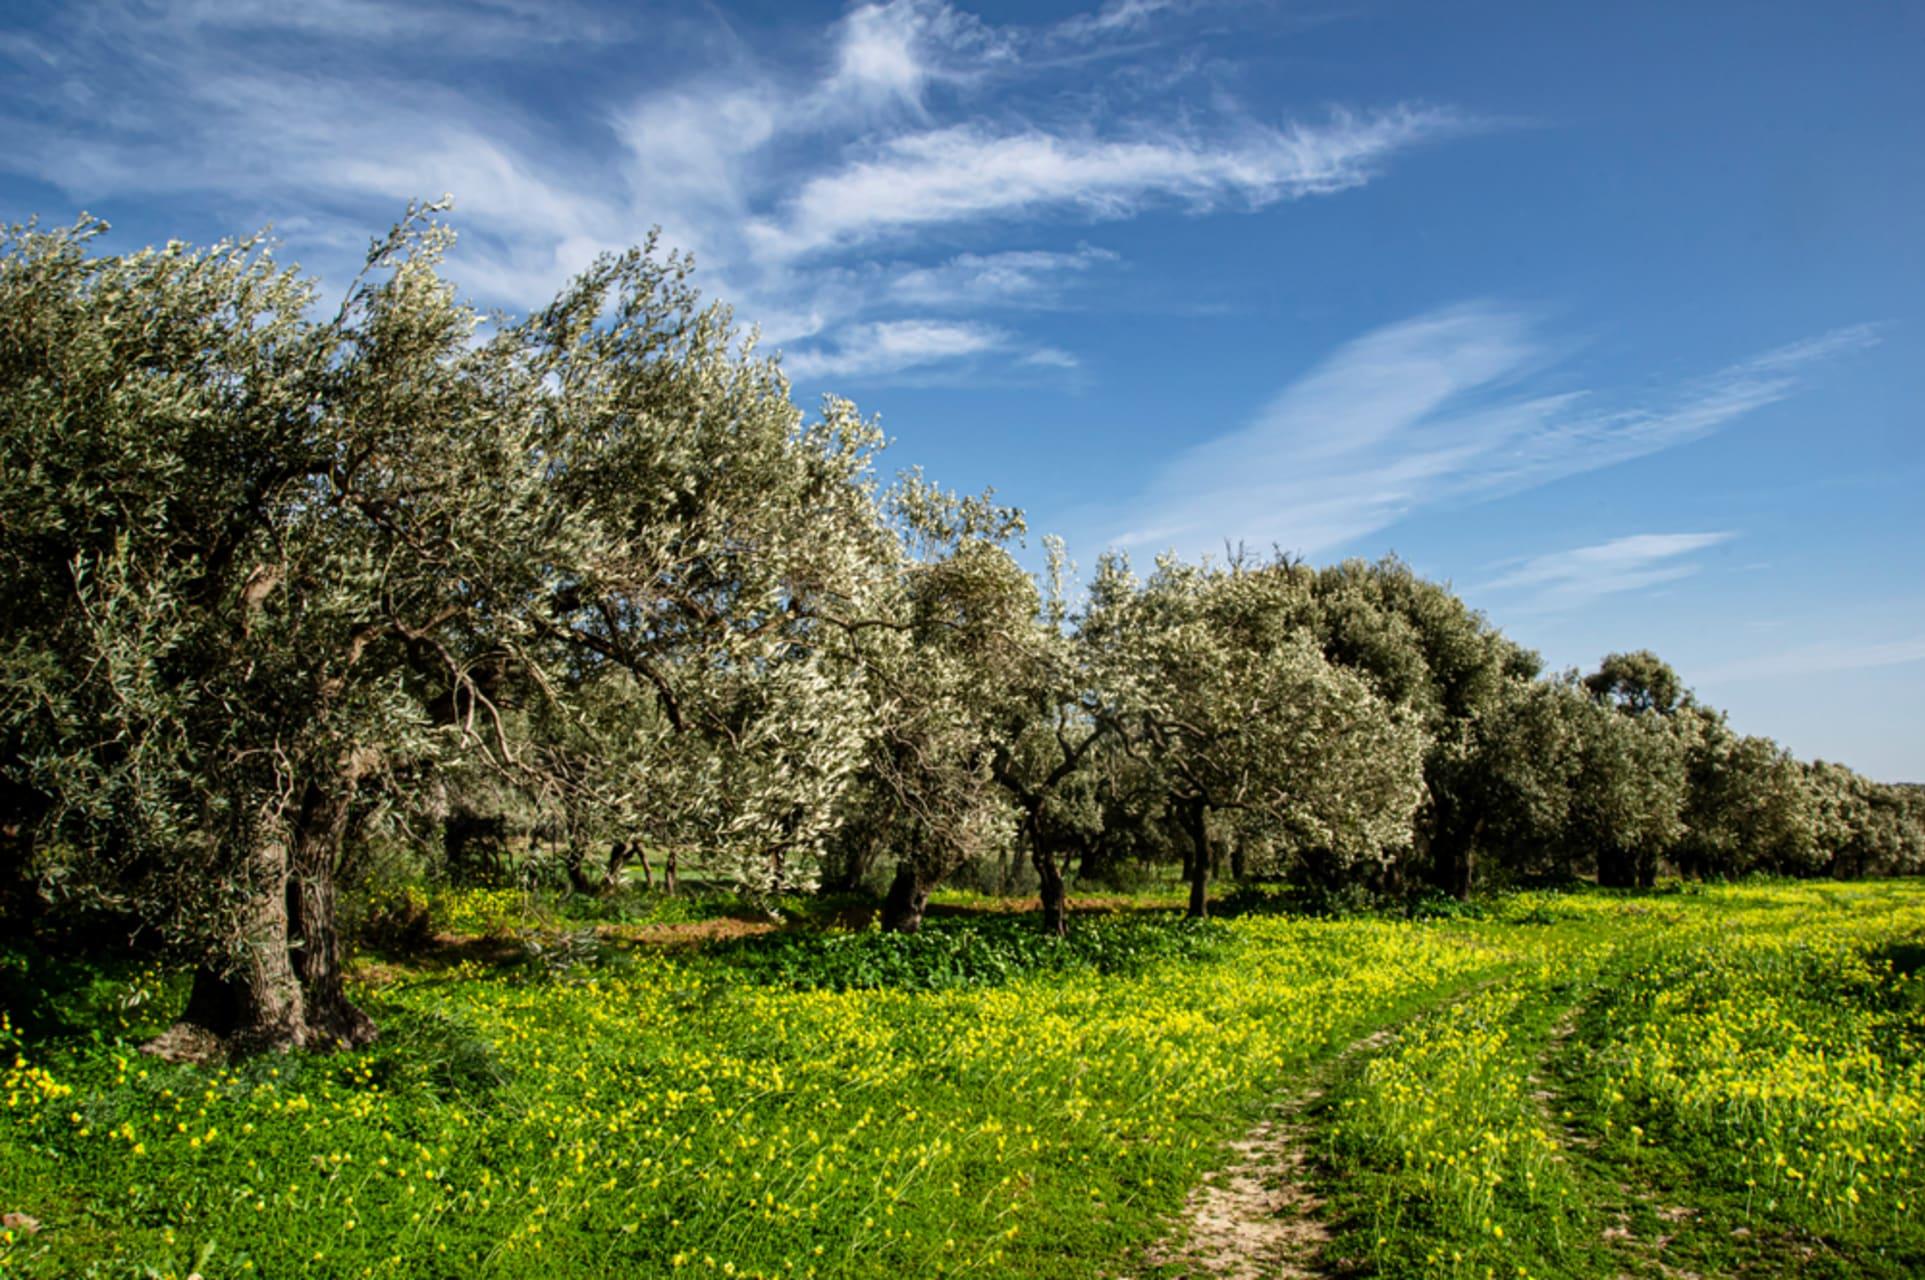 Sardinia - Chatting and Strolling around Sardinian Countryside